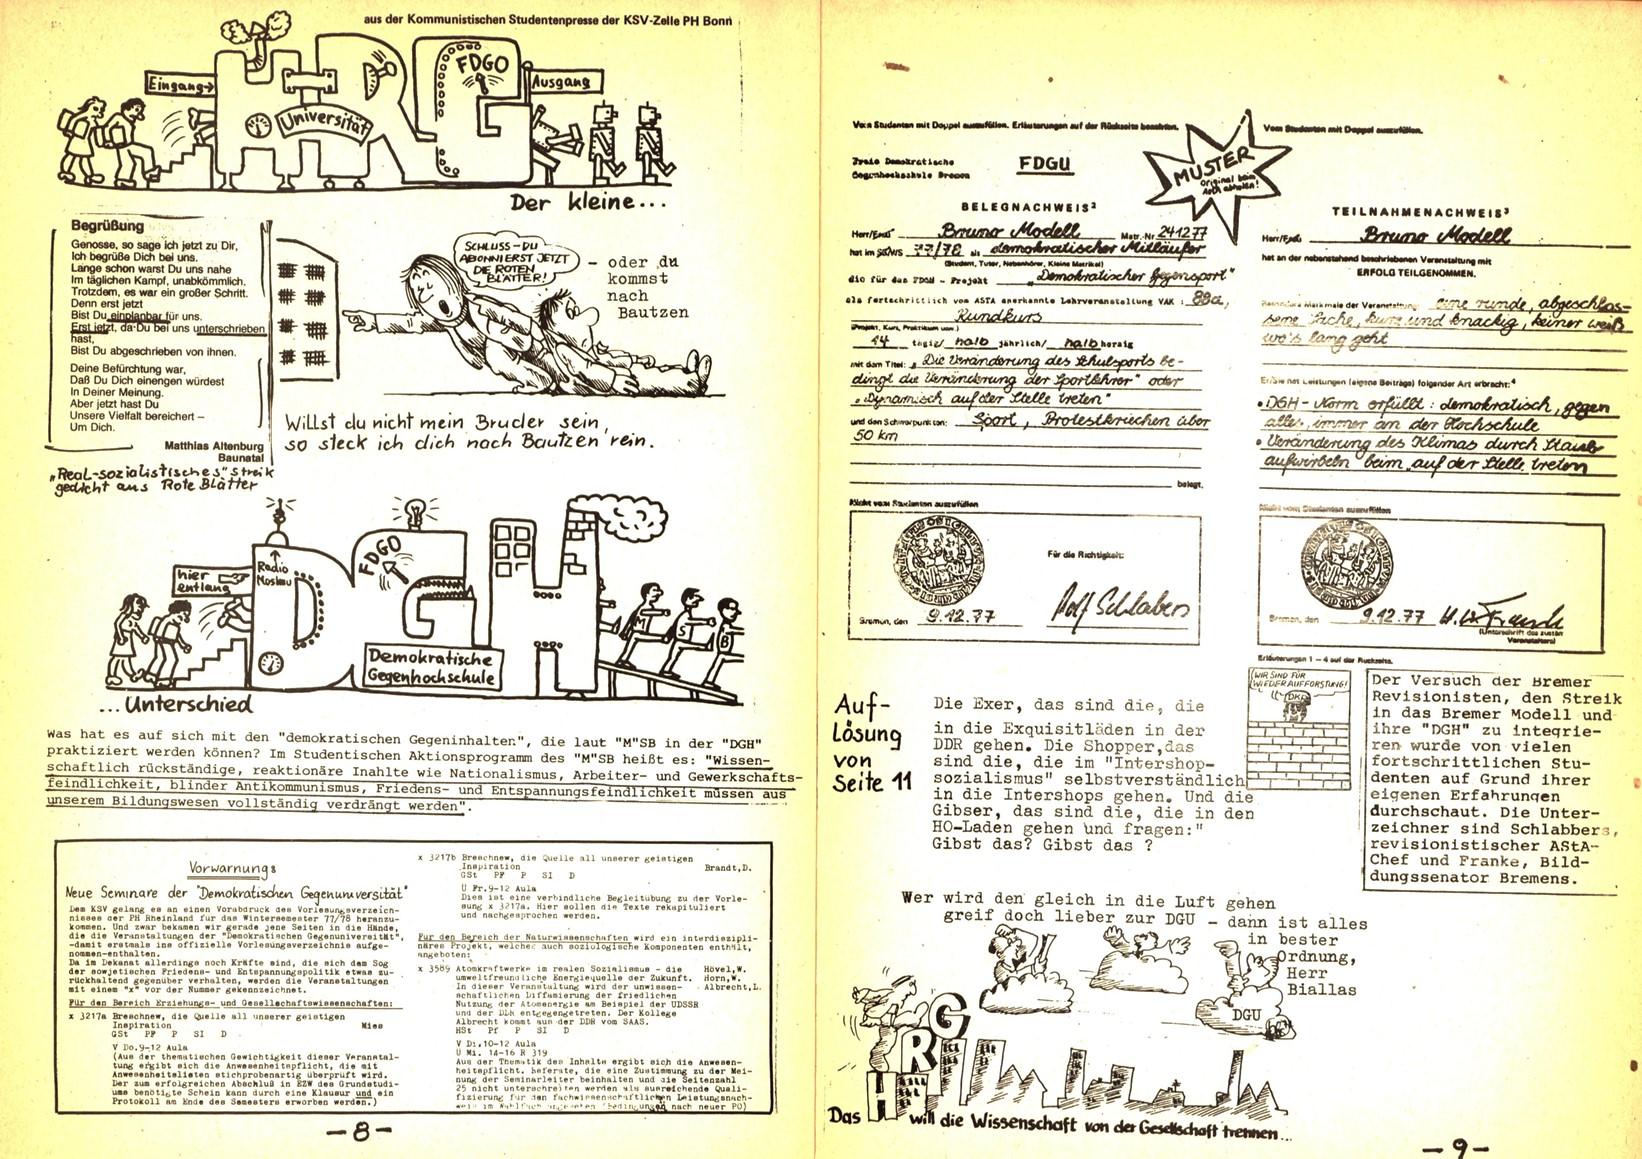 Hamburg_KSV_1978_MSB_Schwarzbuch_05